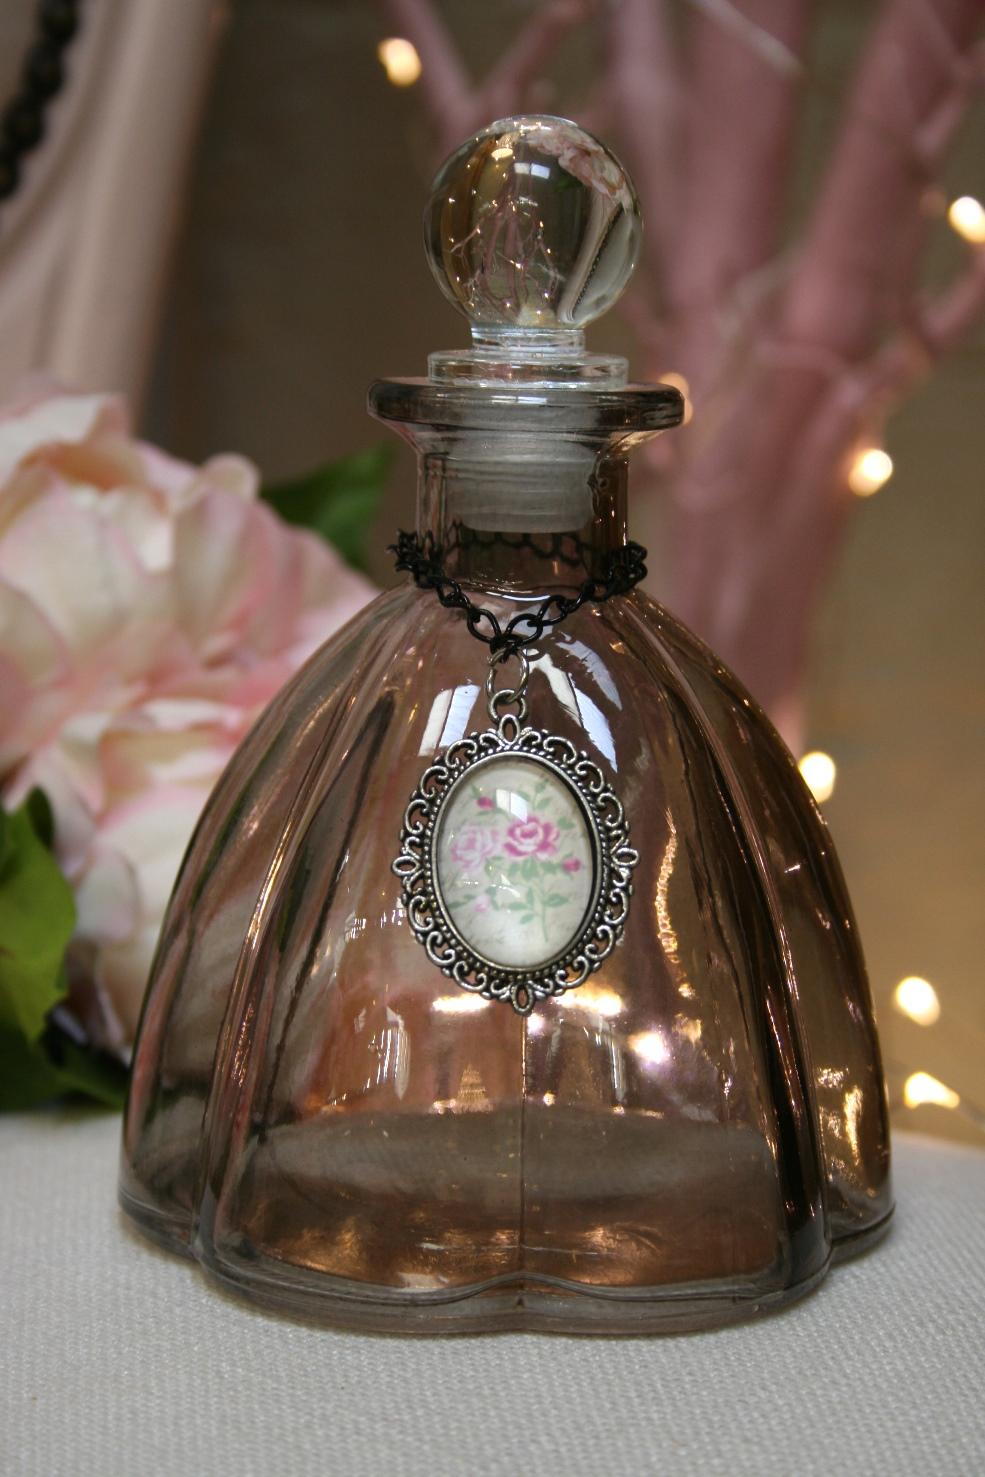 Glass Bottle - €11.50